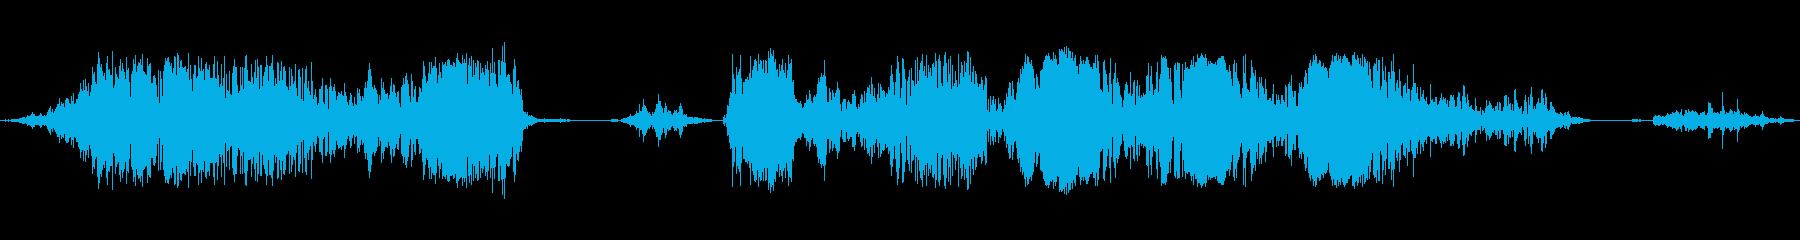 狂犬が連続で吠えるの再生済みの波形